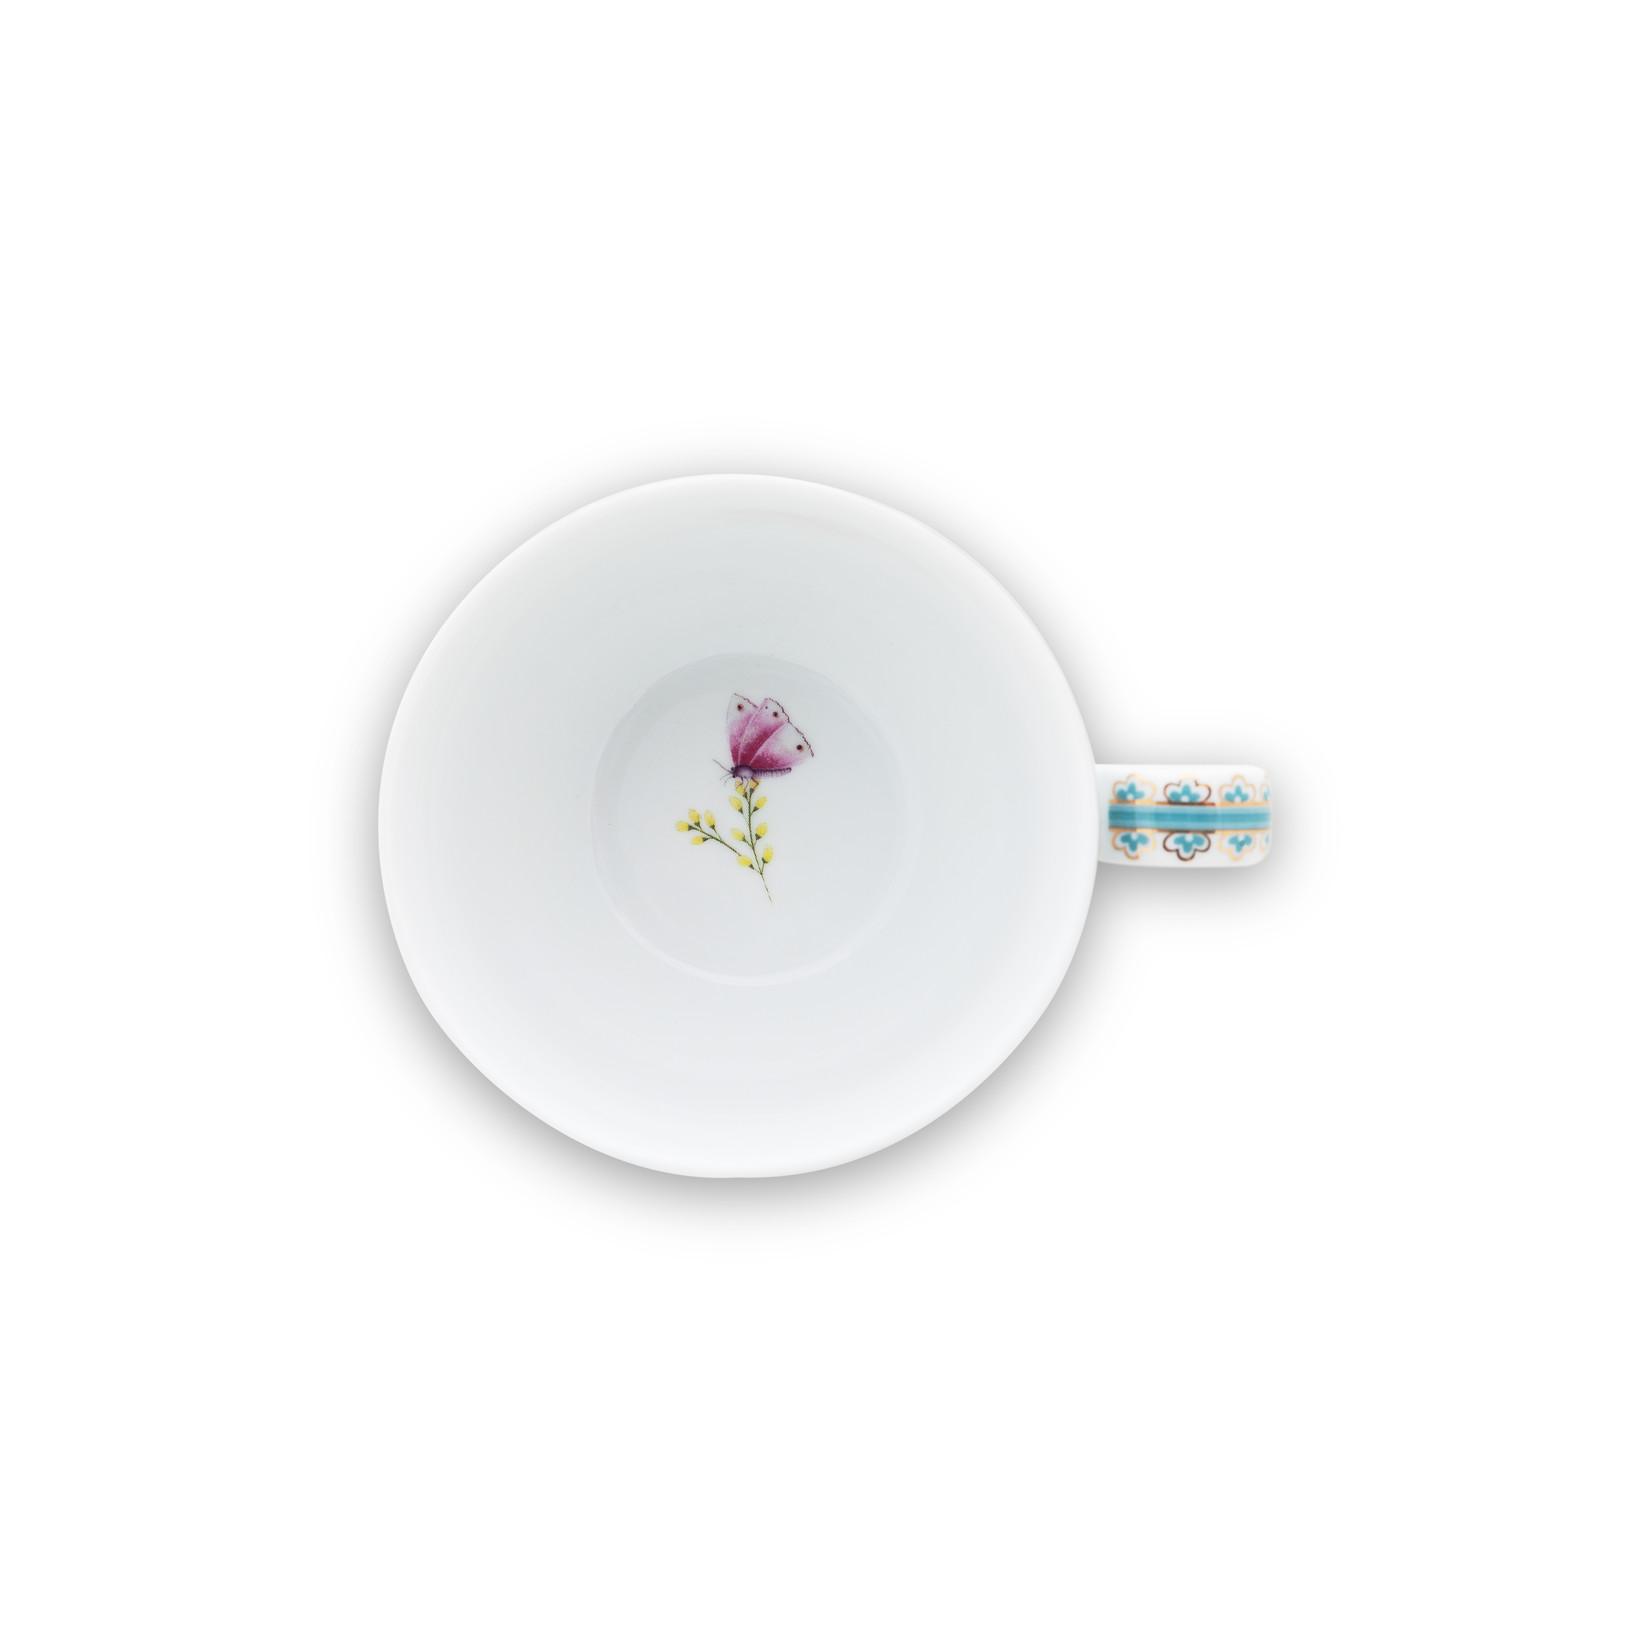 PIP Studio Cup & Saucer Blushing Birds White 280ml